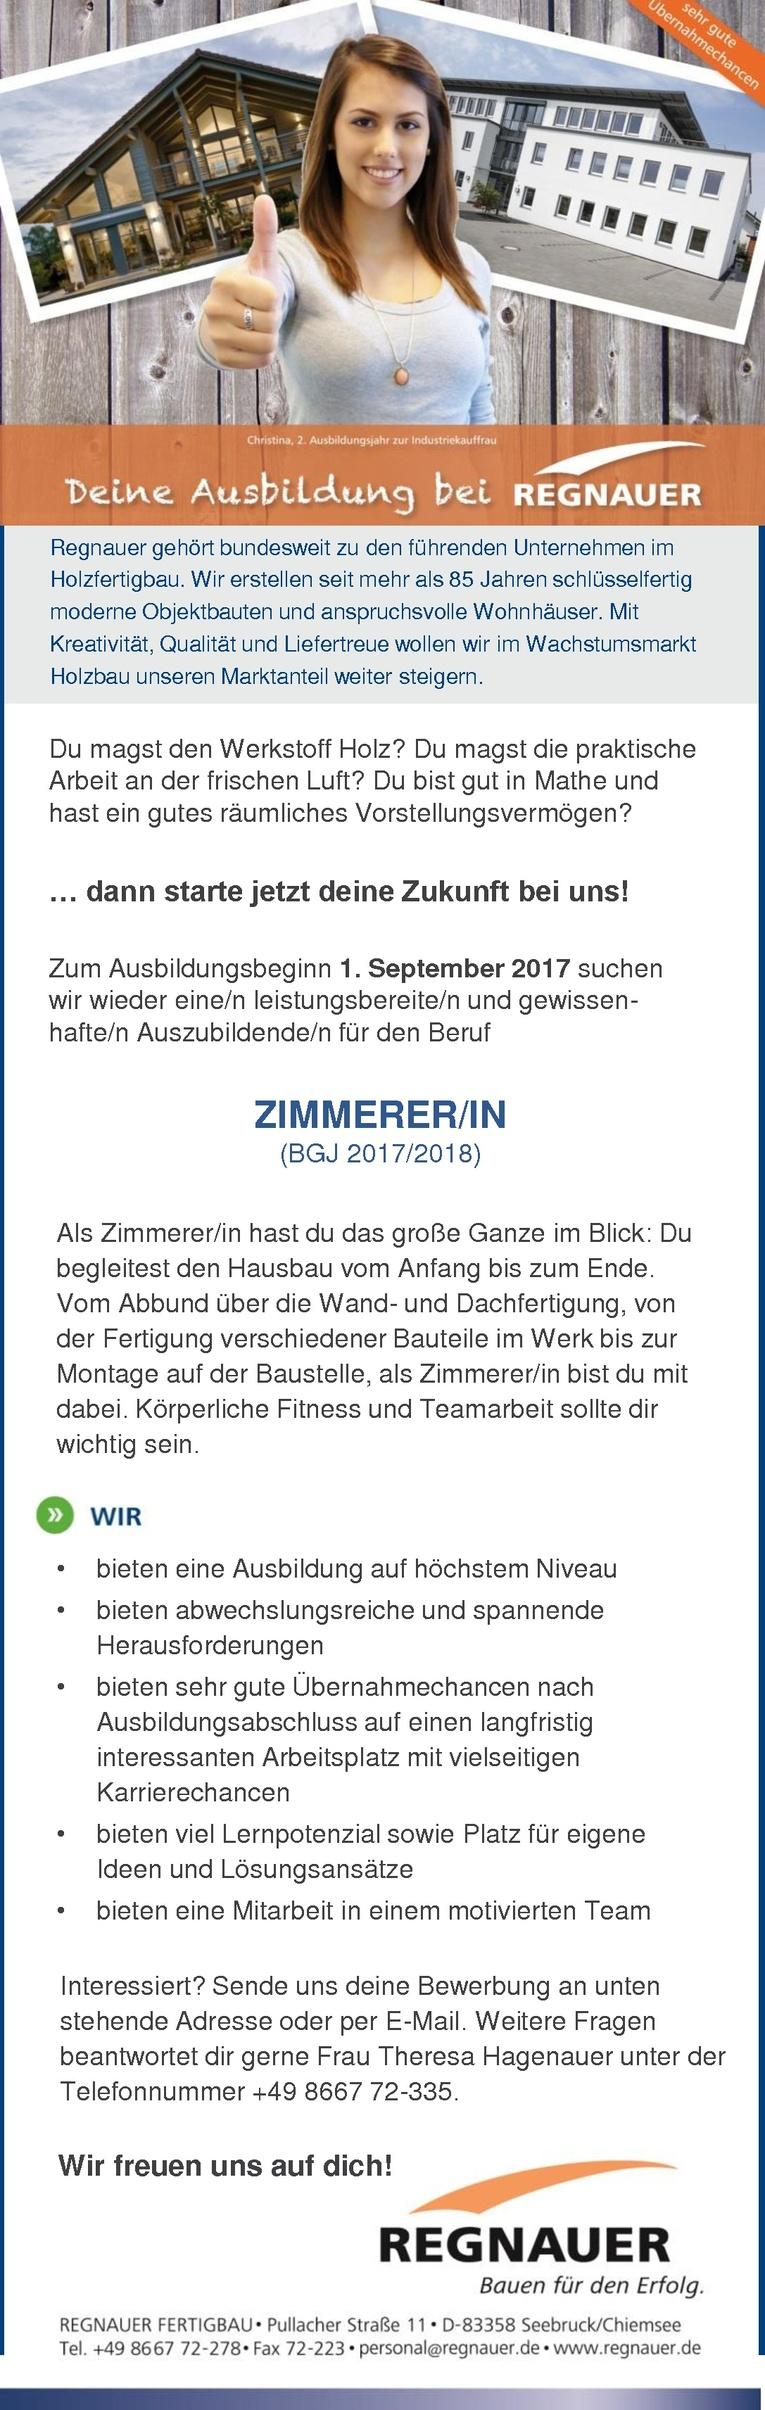 Auszubildende/n als ZIMMERER/IN (BGJ 2017/2018)